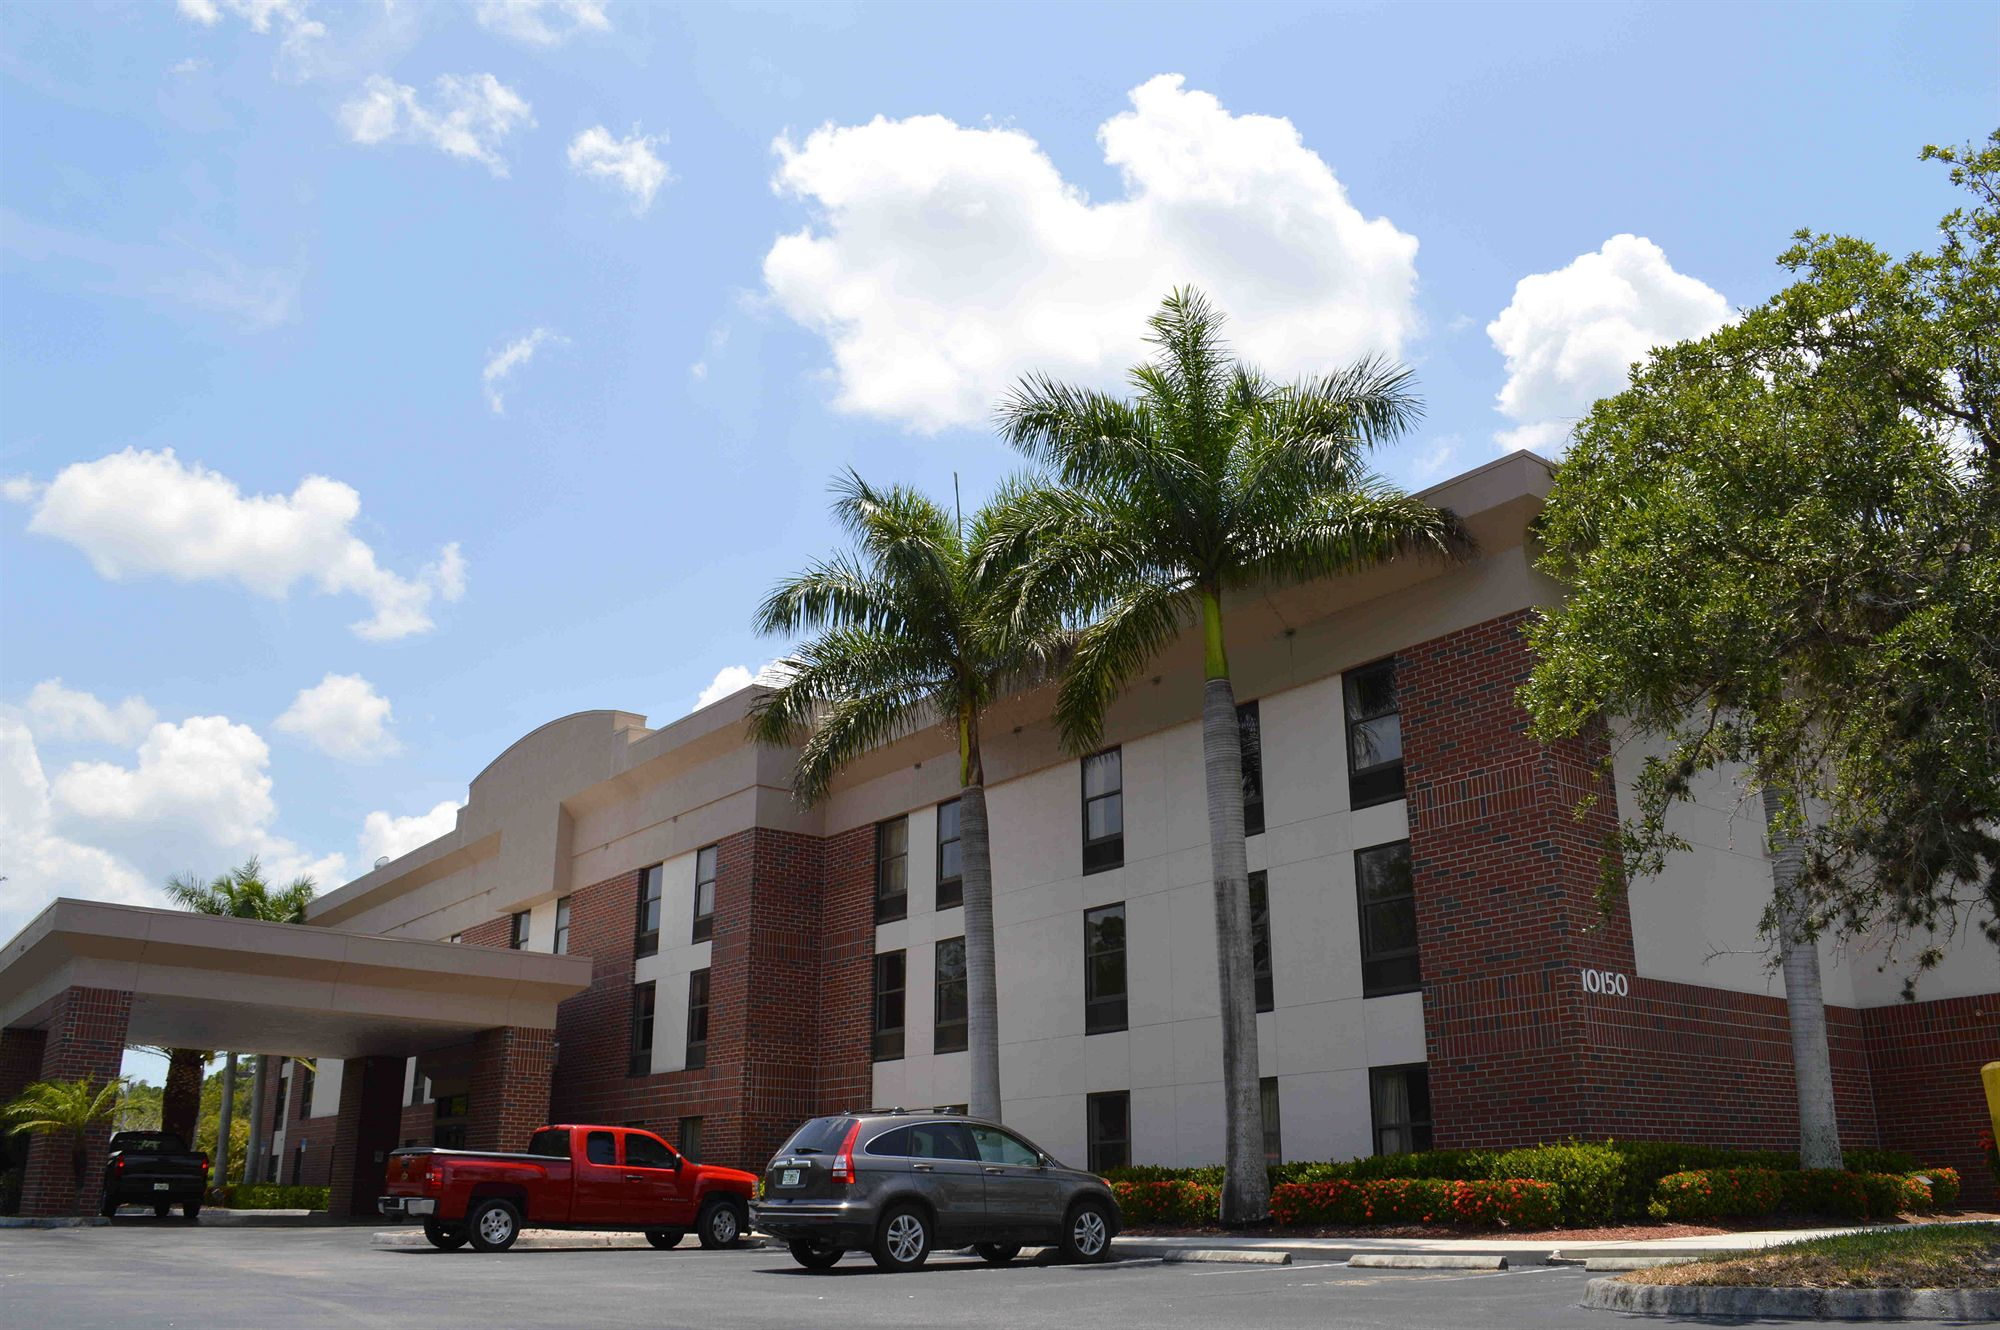 Days Inn & Suites in Ft Myers, FL